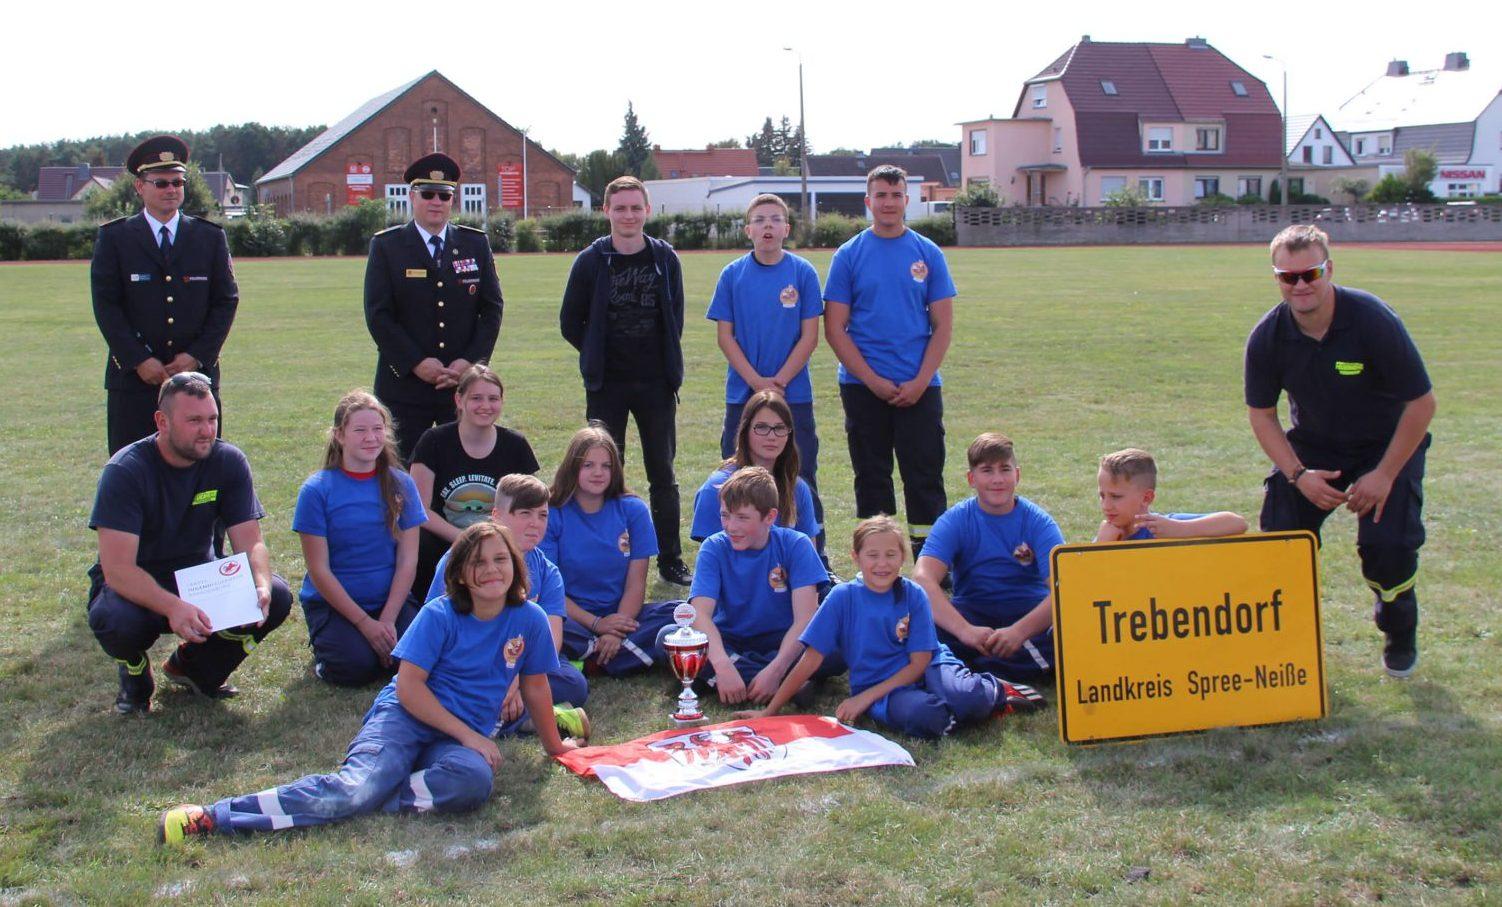 Gruppenbild der Jugendfeuerwehr Trebendorf Sieger der CTIF 2020